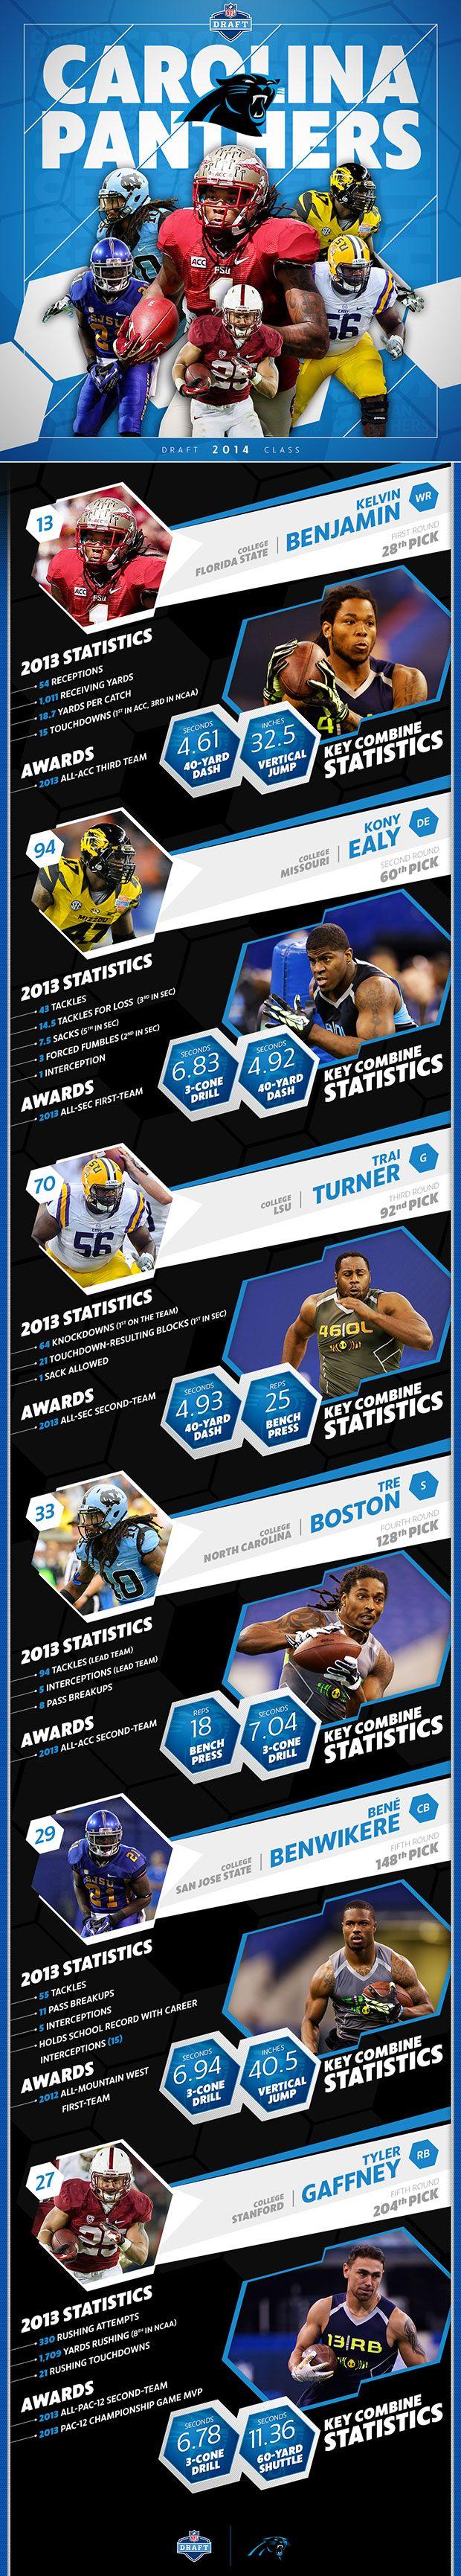 2014  Carolina Panthers Draft class infographic